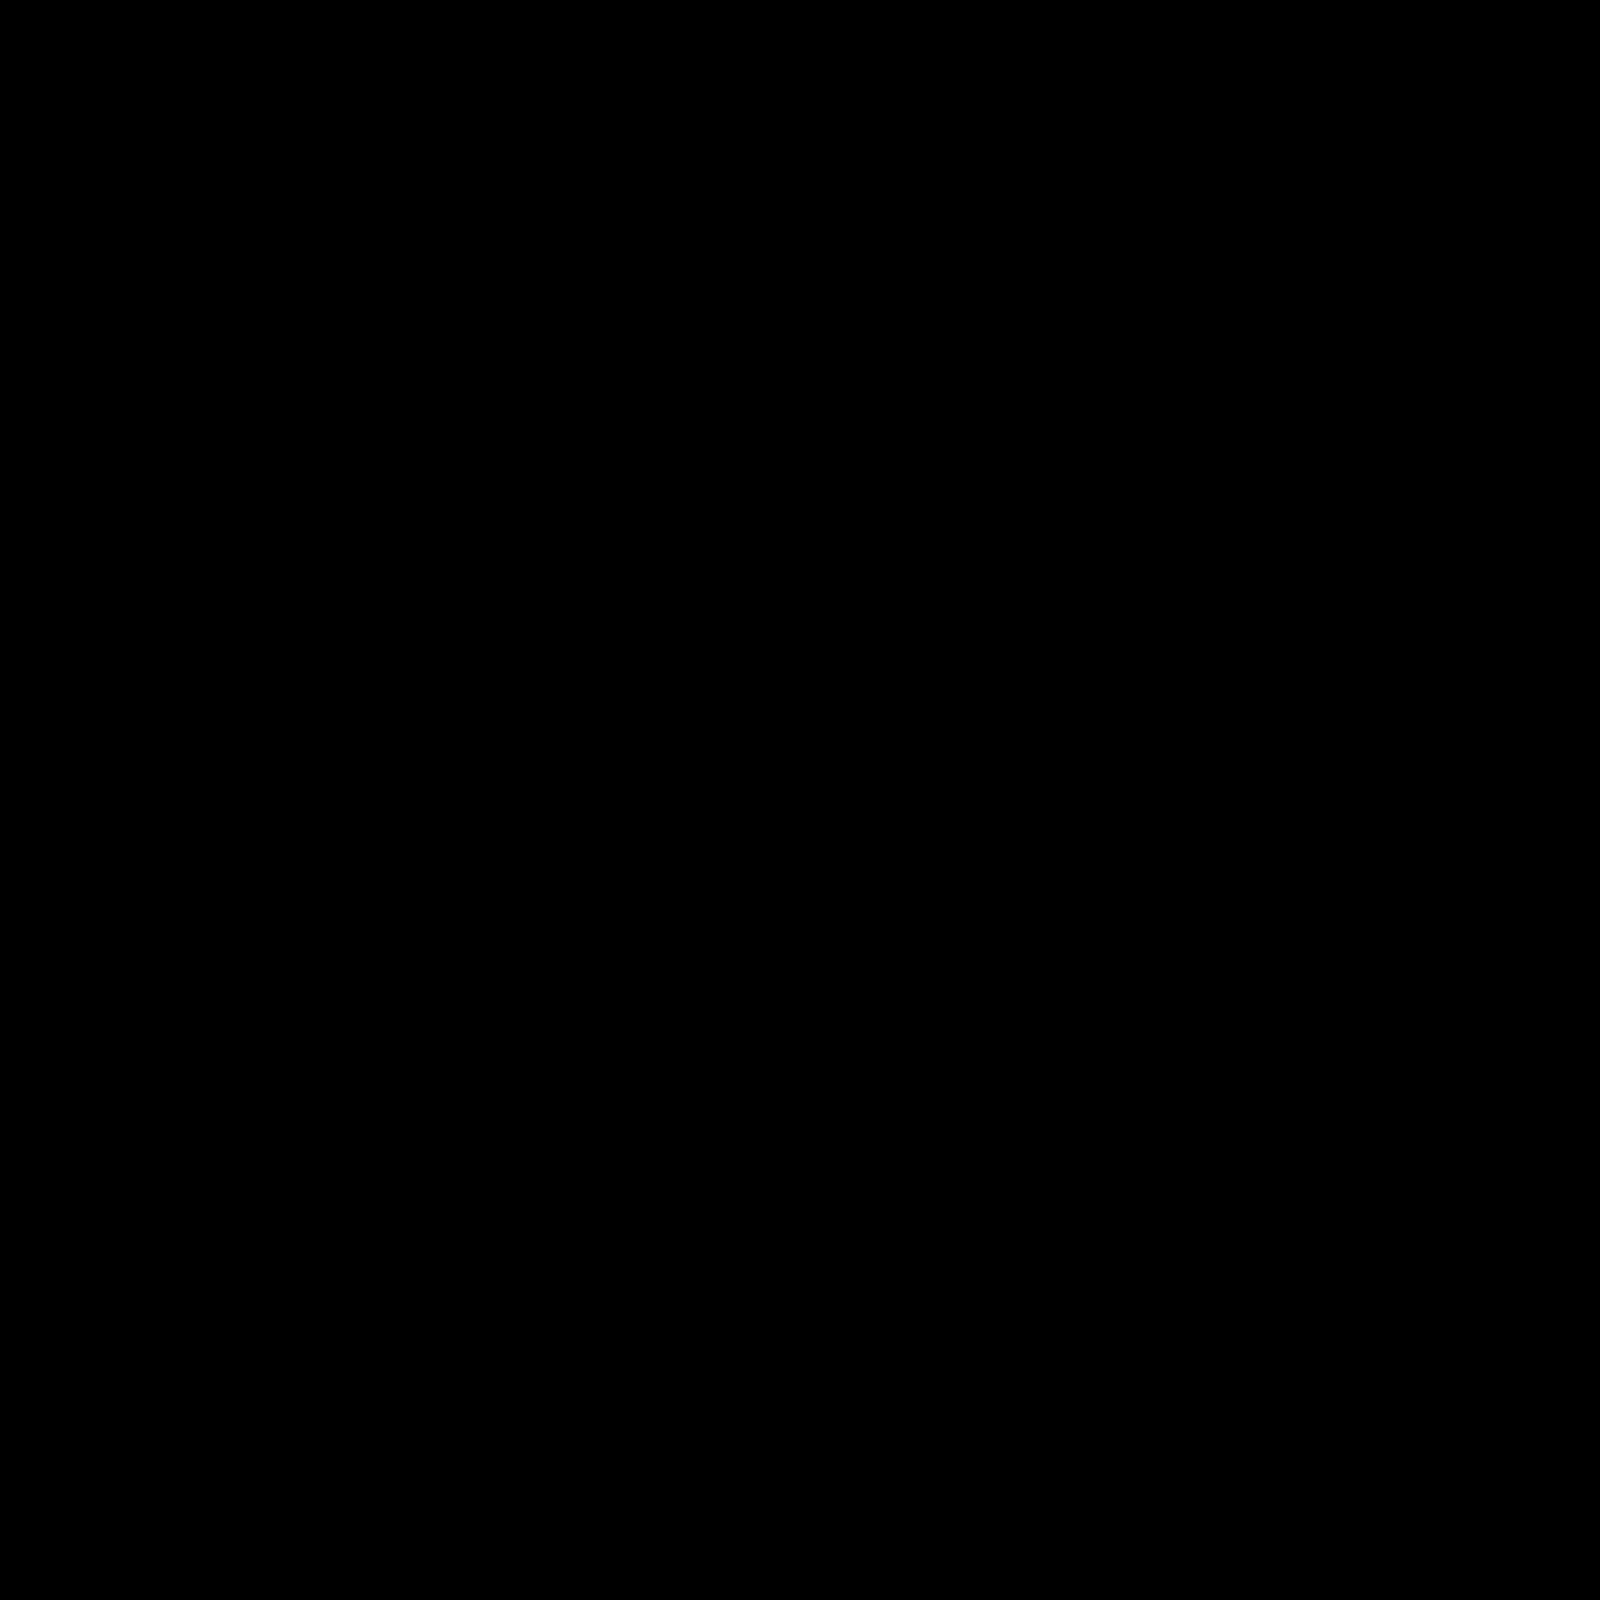 Decisão icon